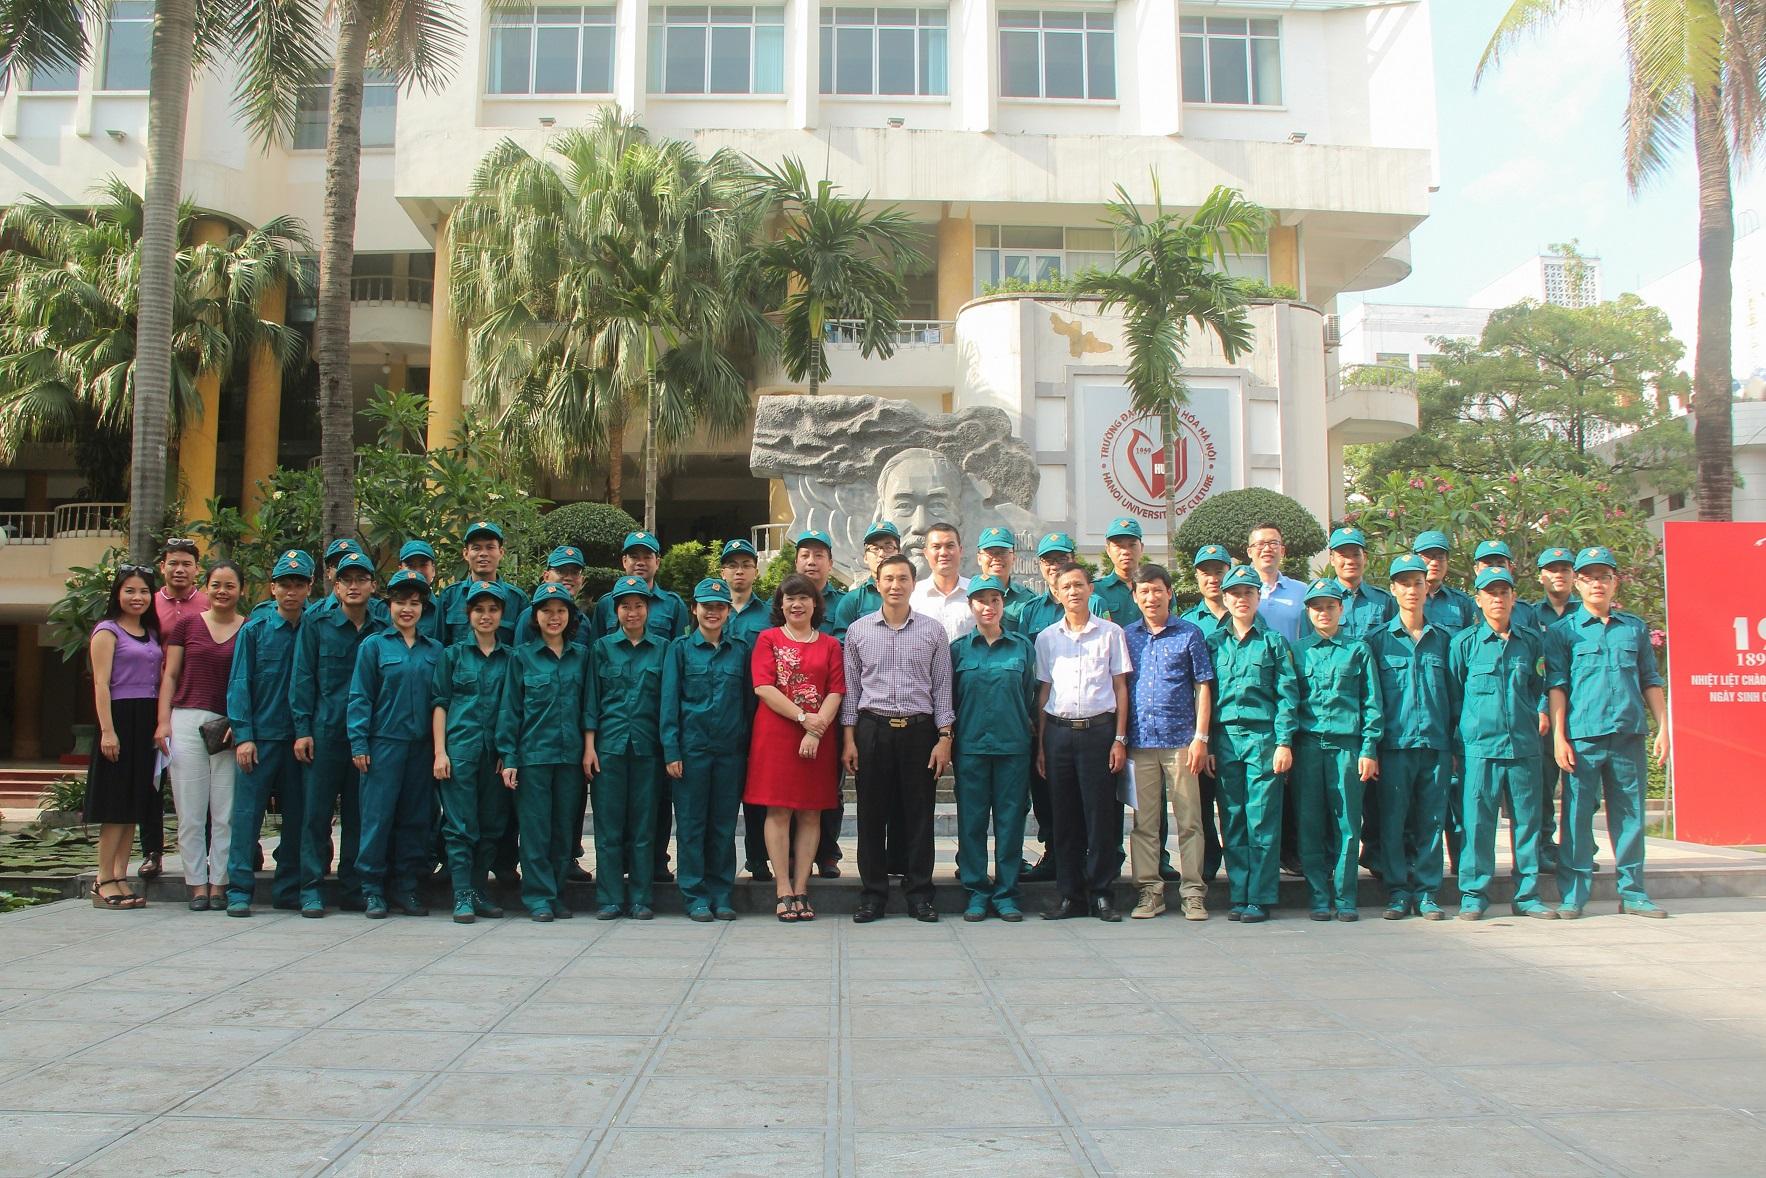 Trường Đại học Văn hóa Hà Nội ra quân Huấn luyện dân quân tự vệ năm 2018